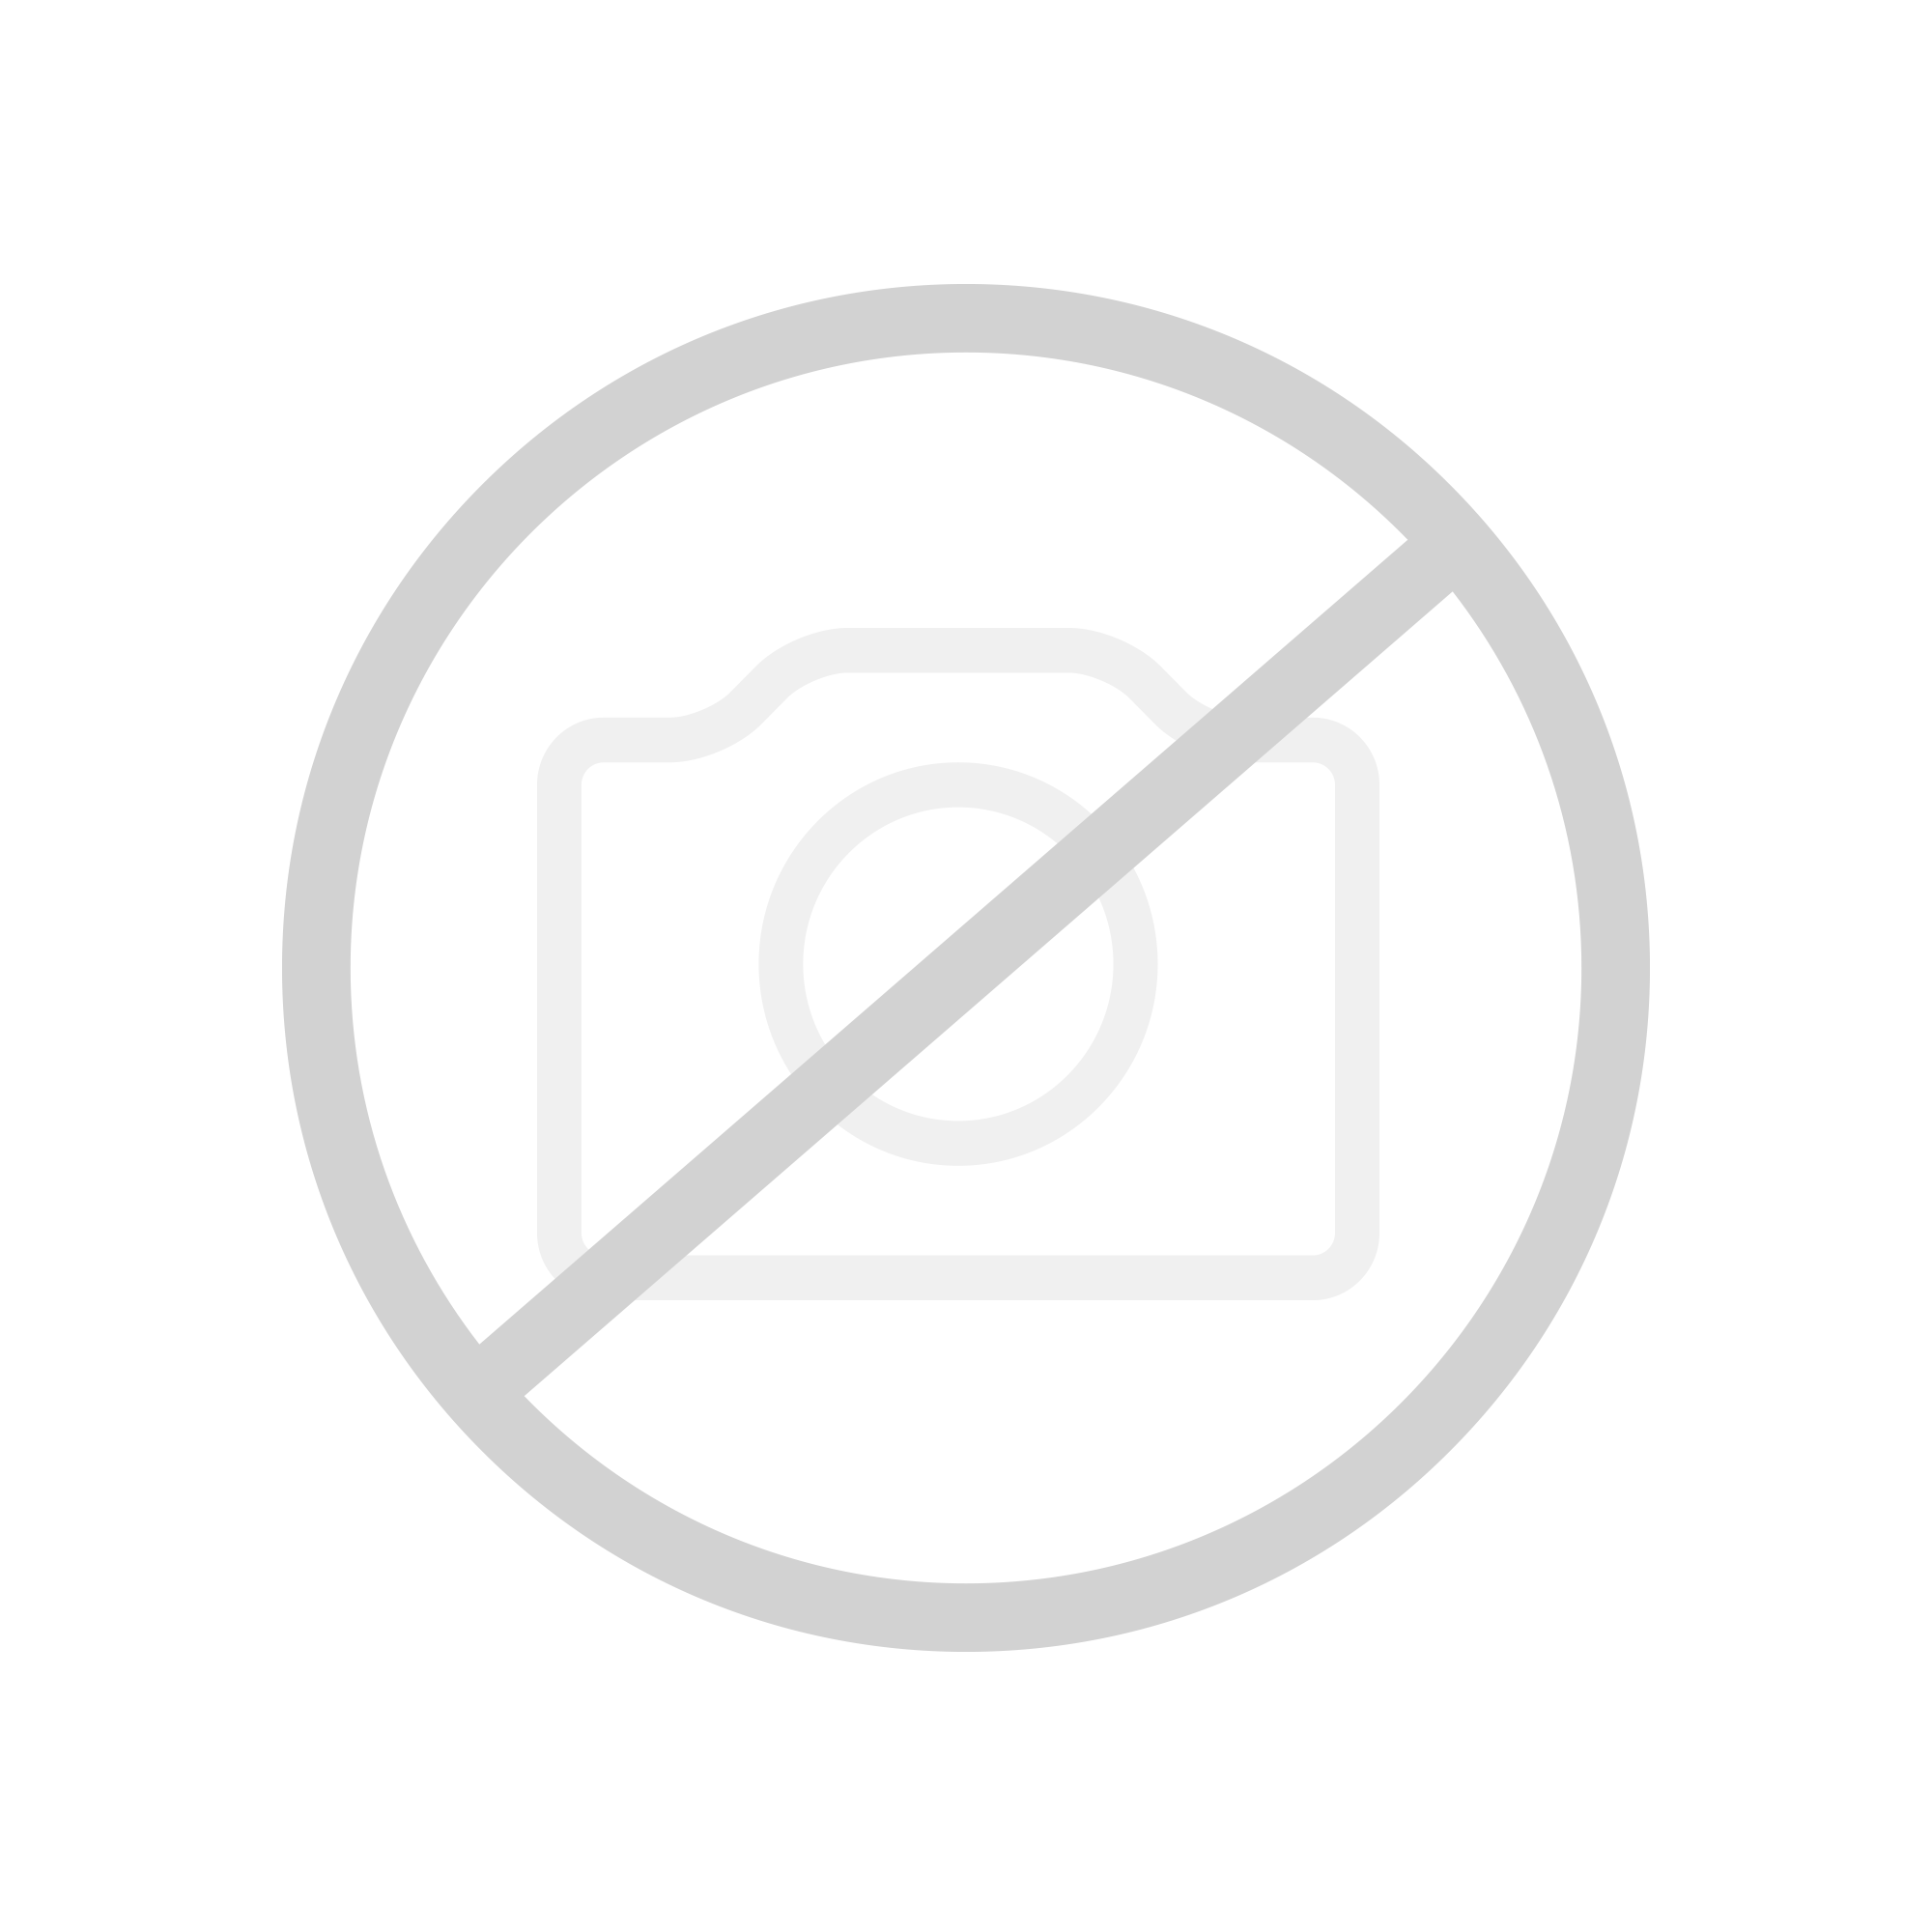 Badewannenarmaturen günstig kaufen im REUTER Onlineshop | {Badewannen armaturen aufputz 30}